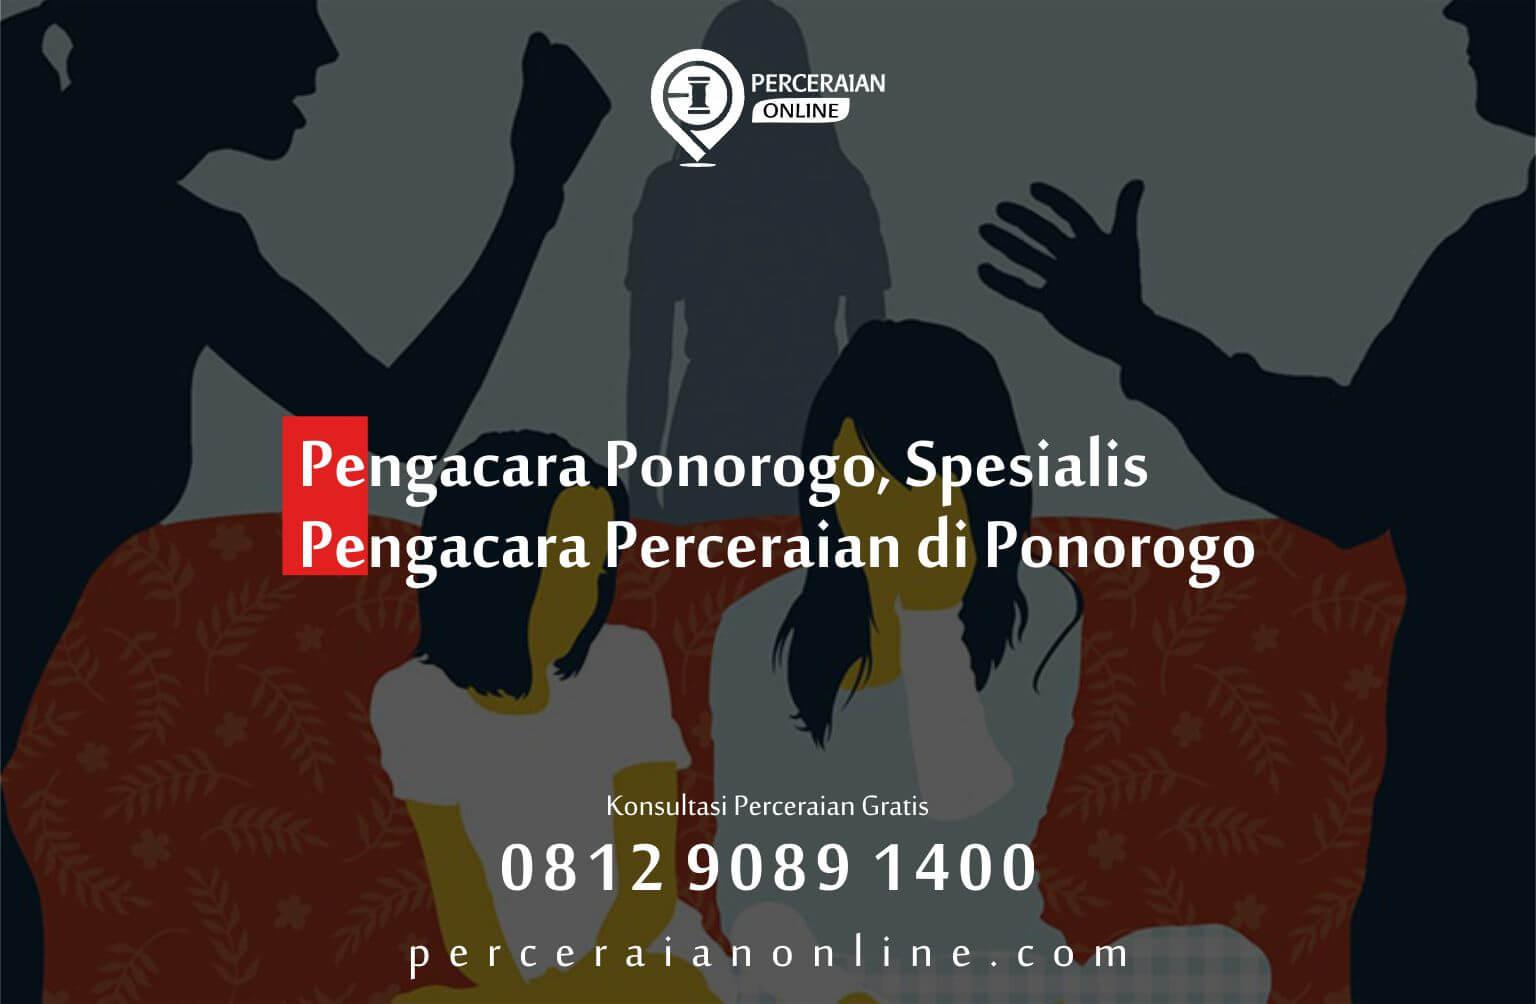 2. Pengacara Ponorogo, Spesialis Pengacara Perceraian Di Ponorogo